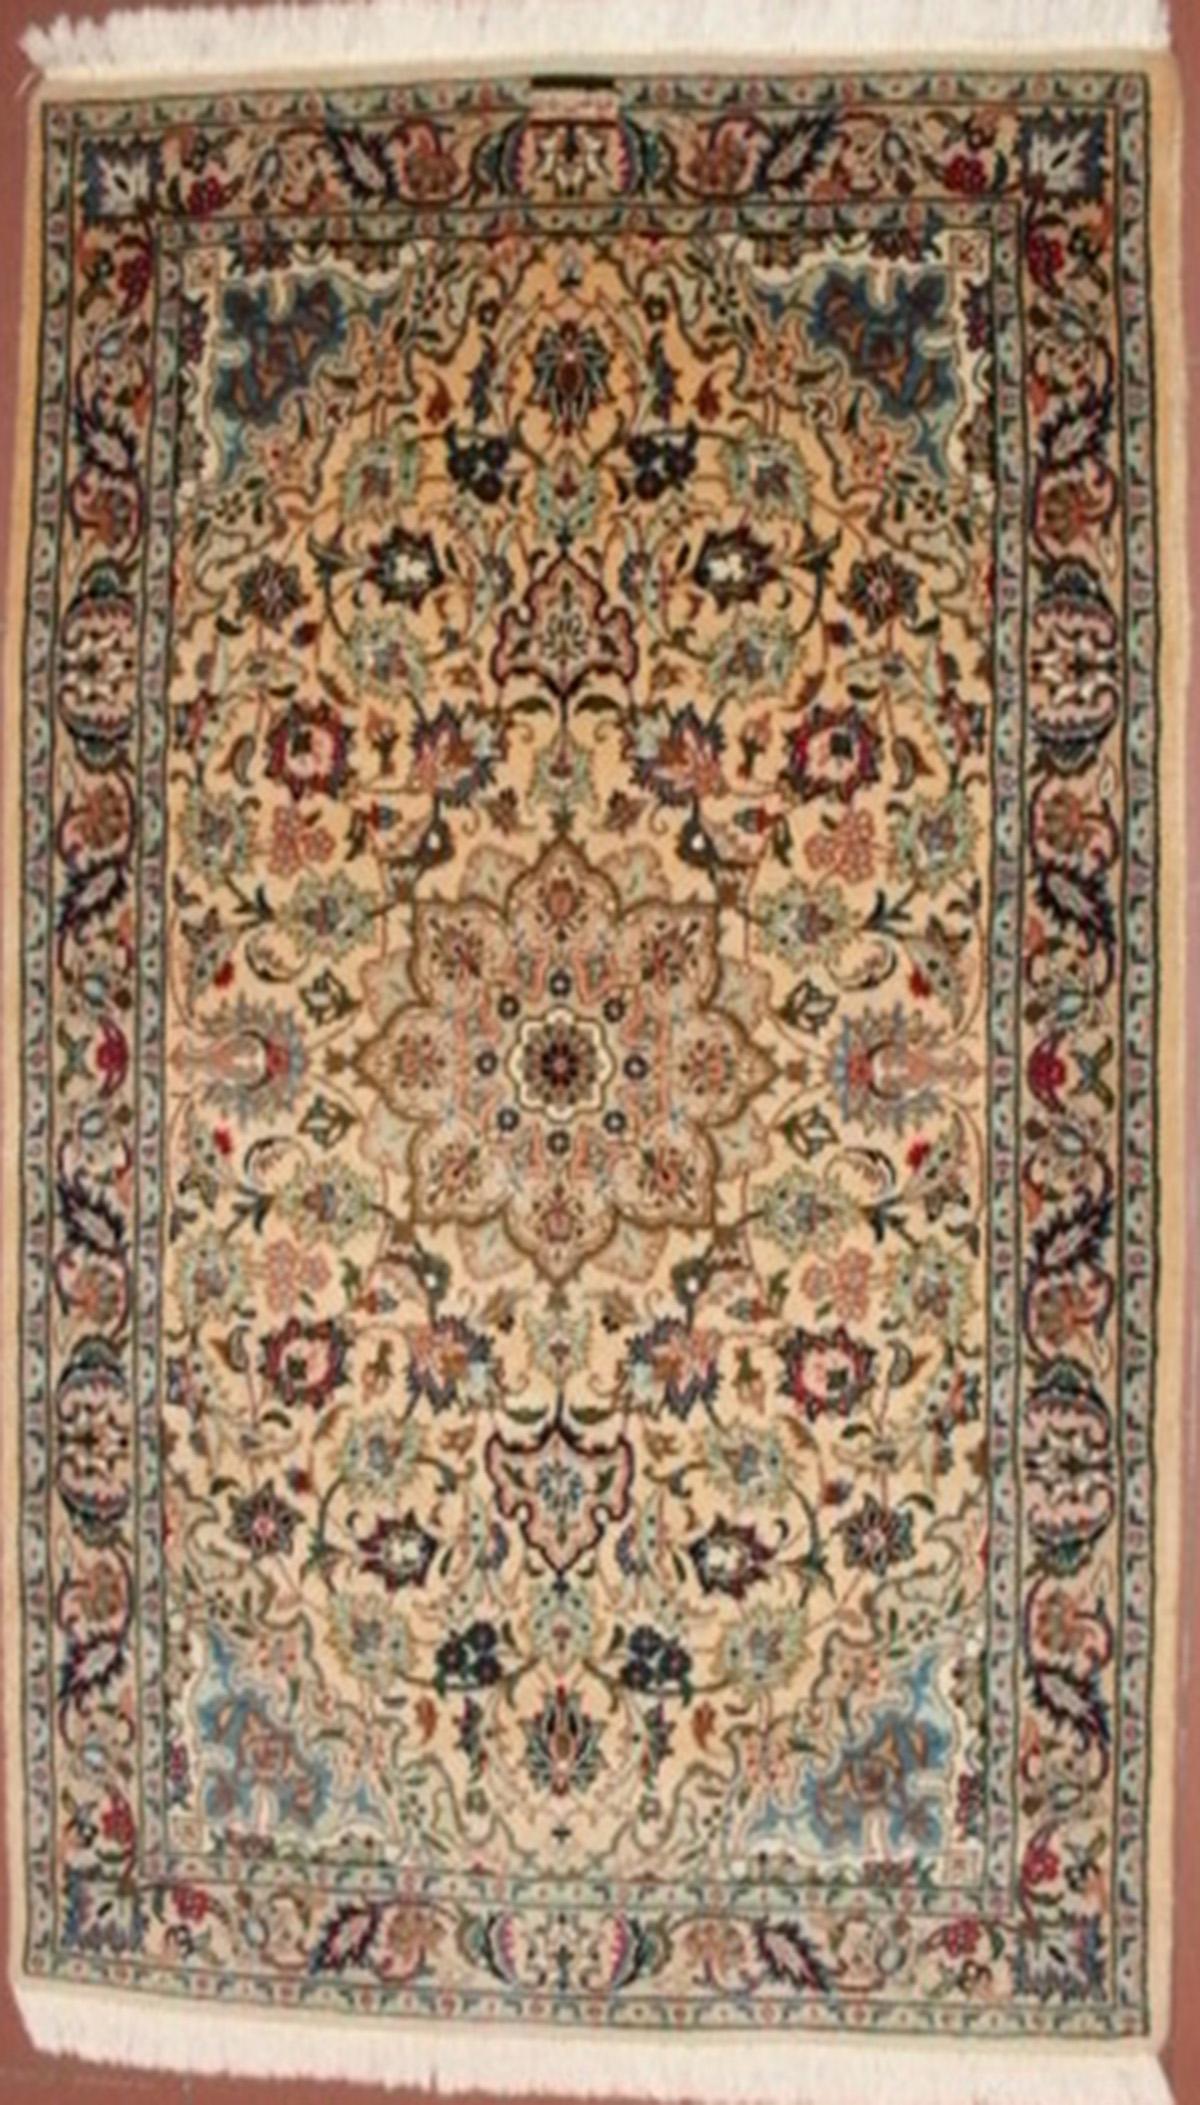 Certificato di perizia expertise del tappeto persiano firmato fayaz e numerato 115 kashmar - Valore tappeto persiano ...